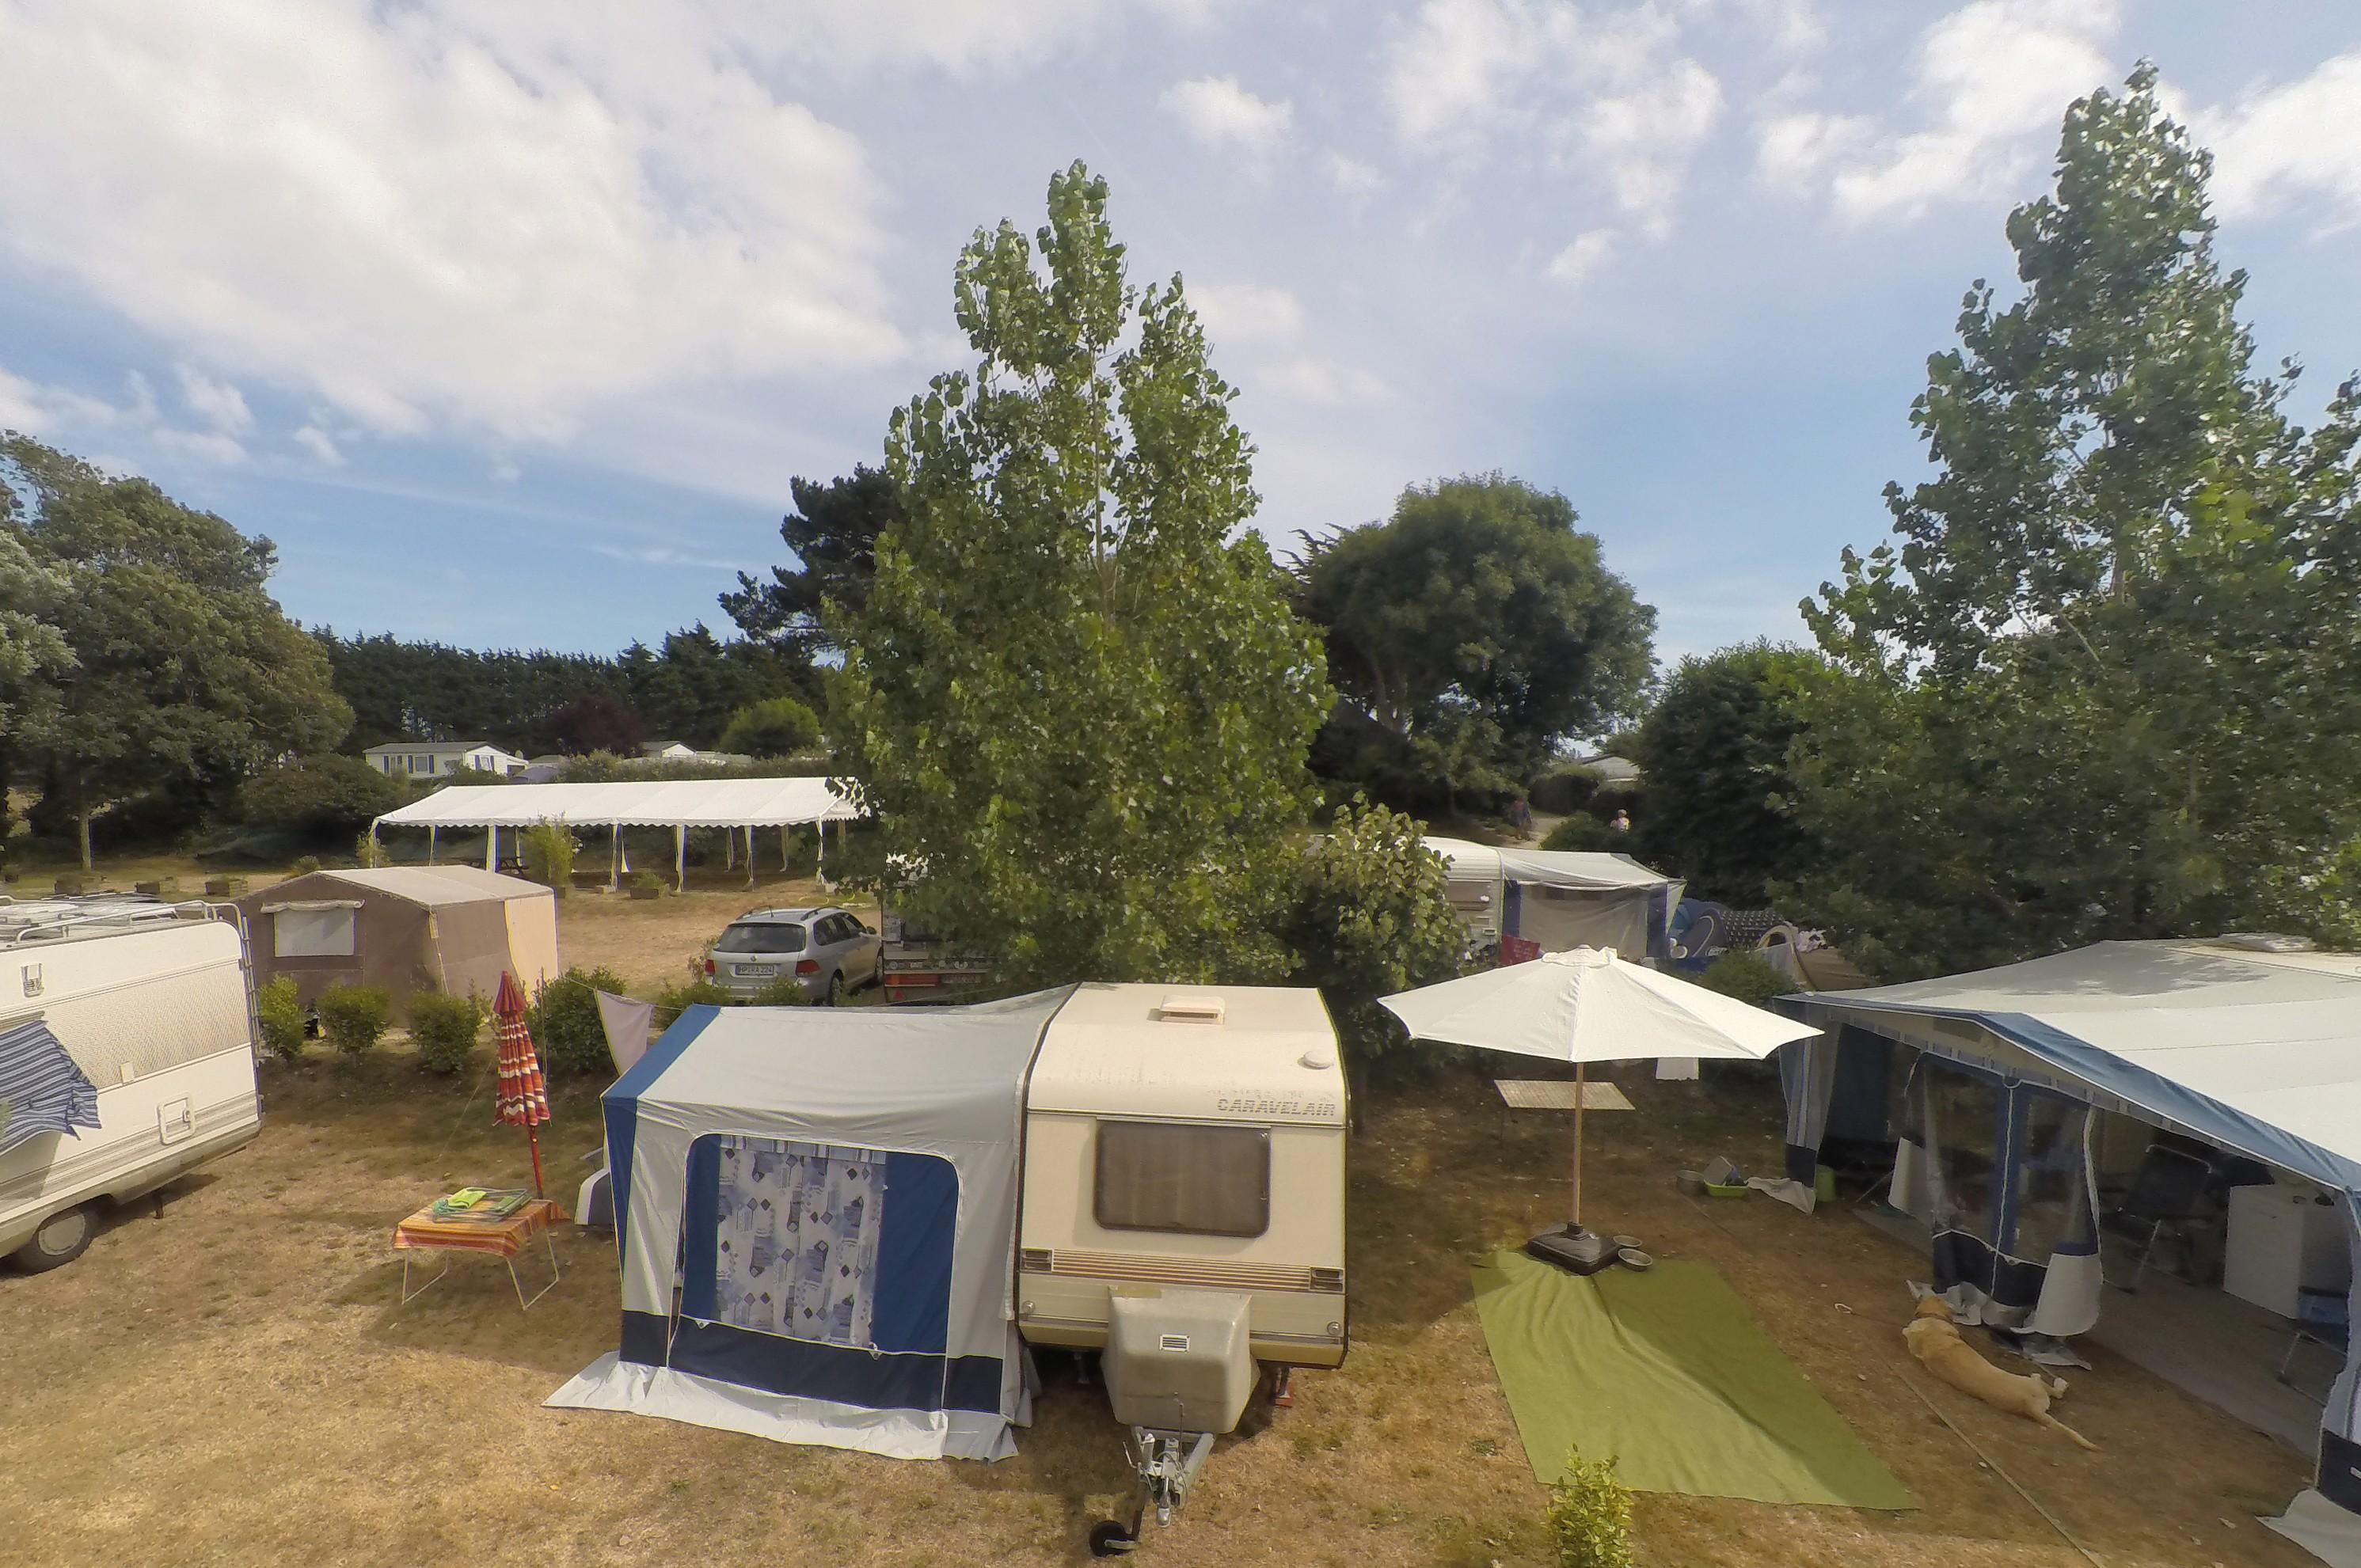 Vue aérienne des emplacements tente et caravane avec